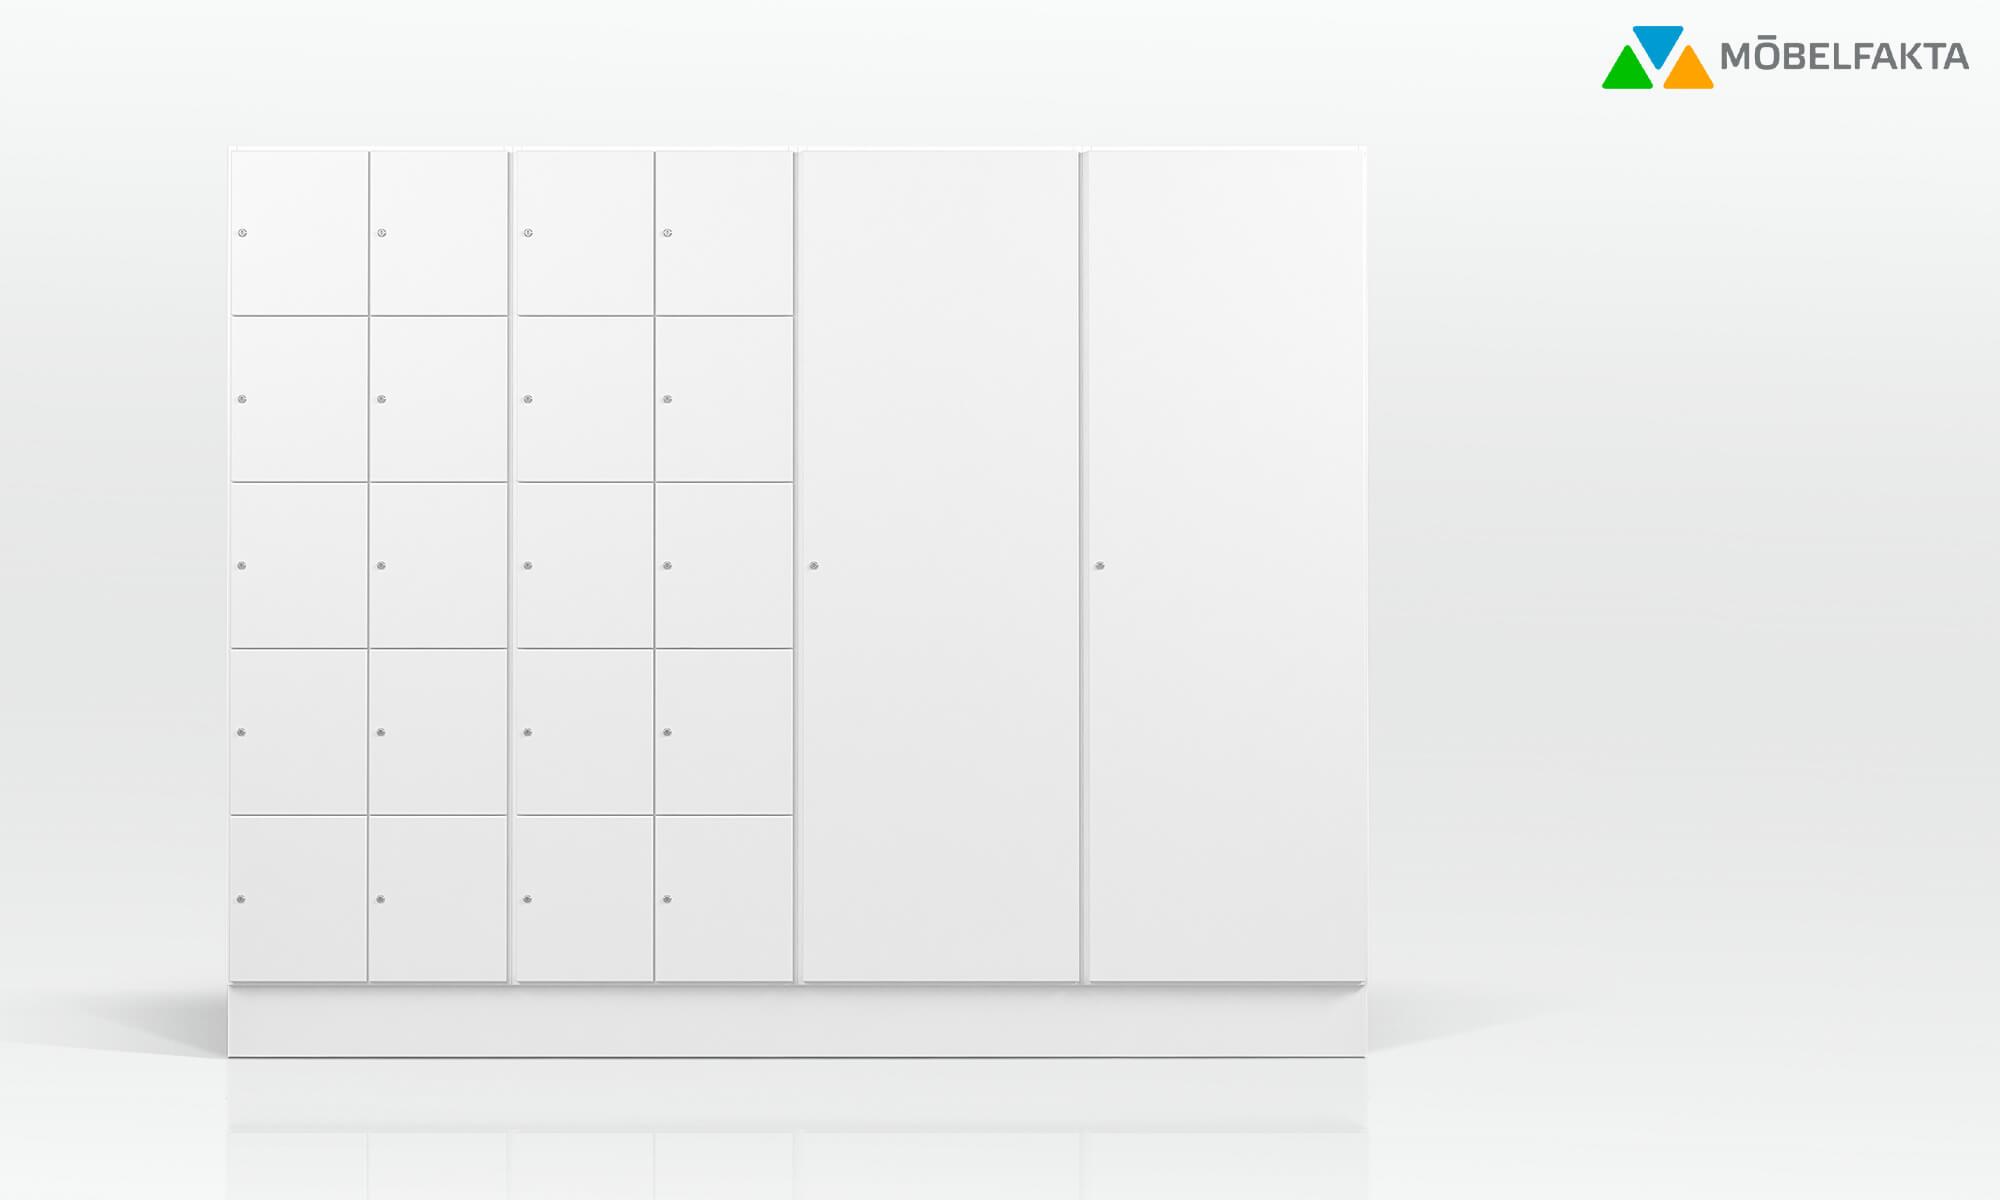 Förvaringsfack combiline personlig förvaring kontorsförvaring trece möbelfakta